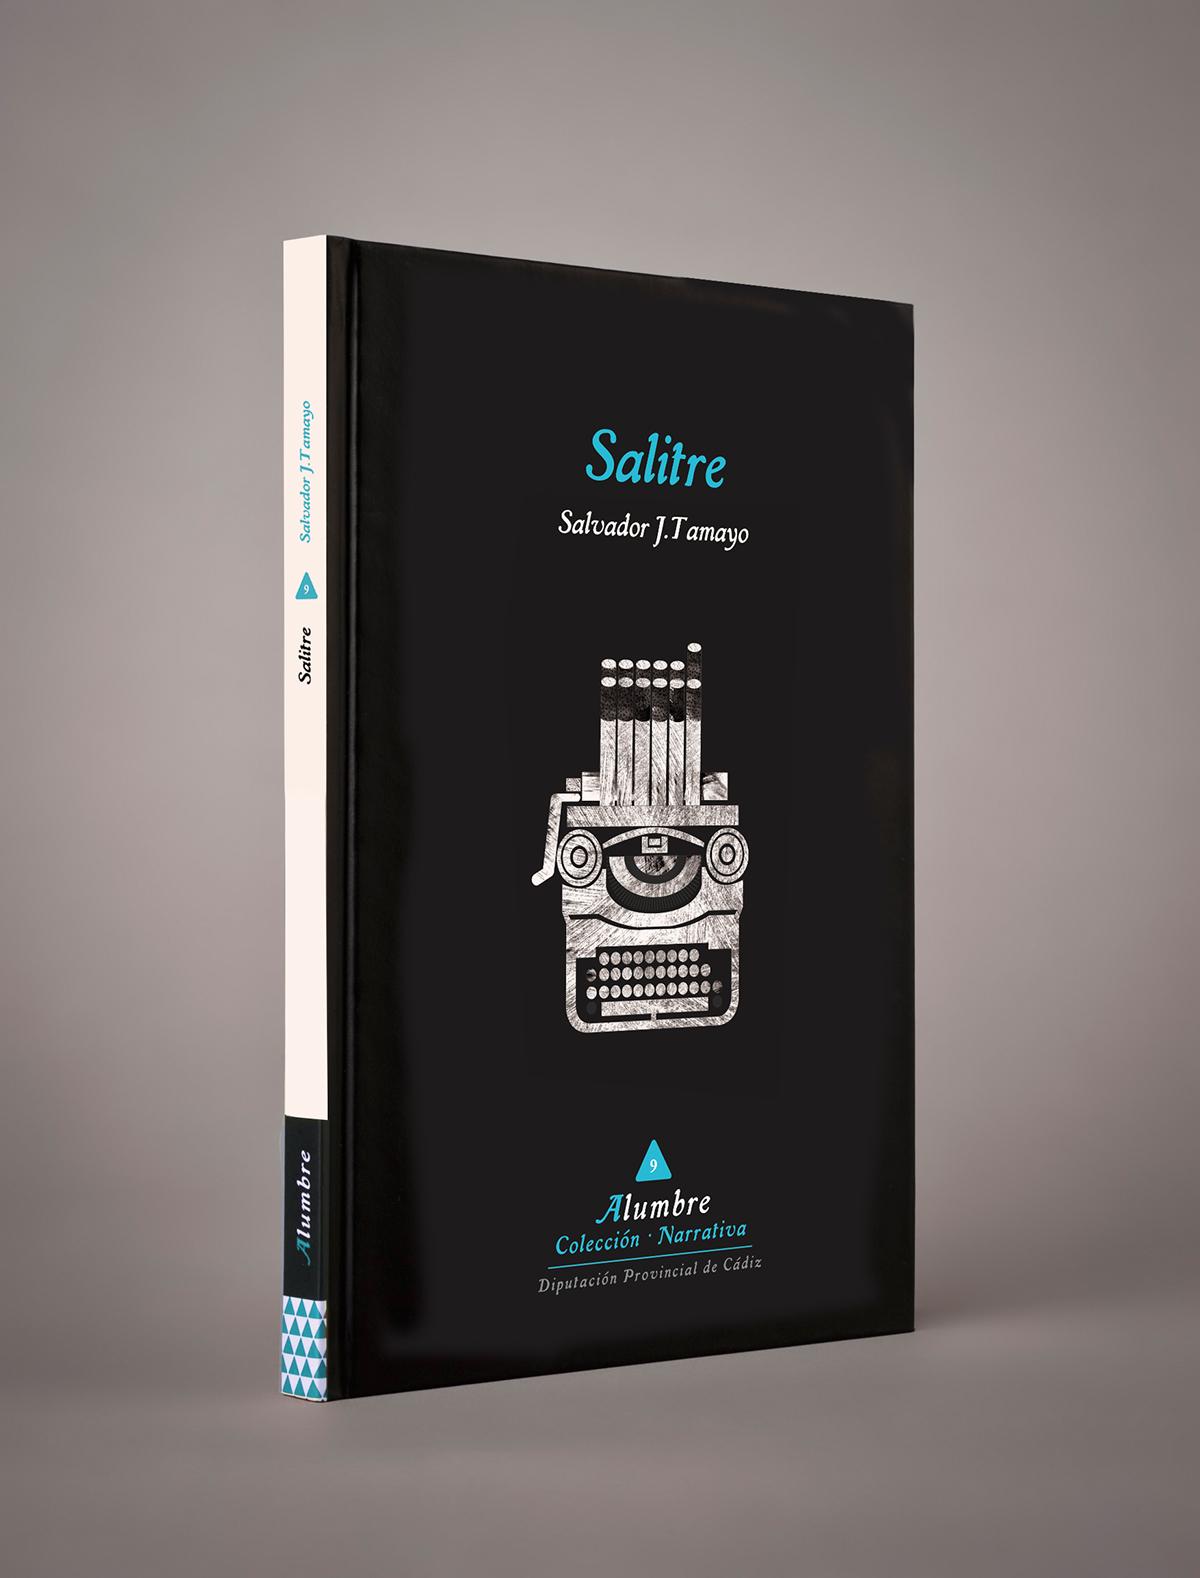 alumbre,poesia,narrativa,editorial,cádiz,diputacion,colección